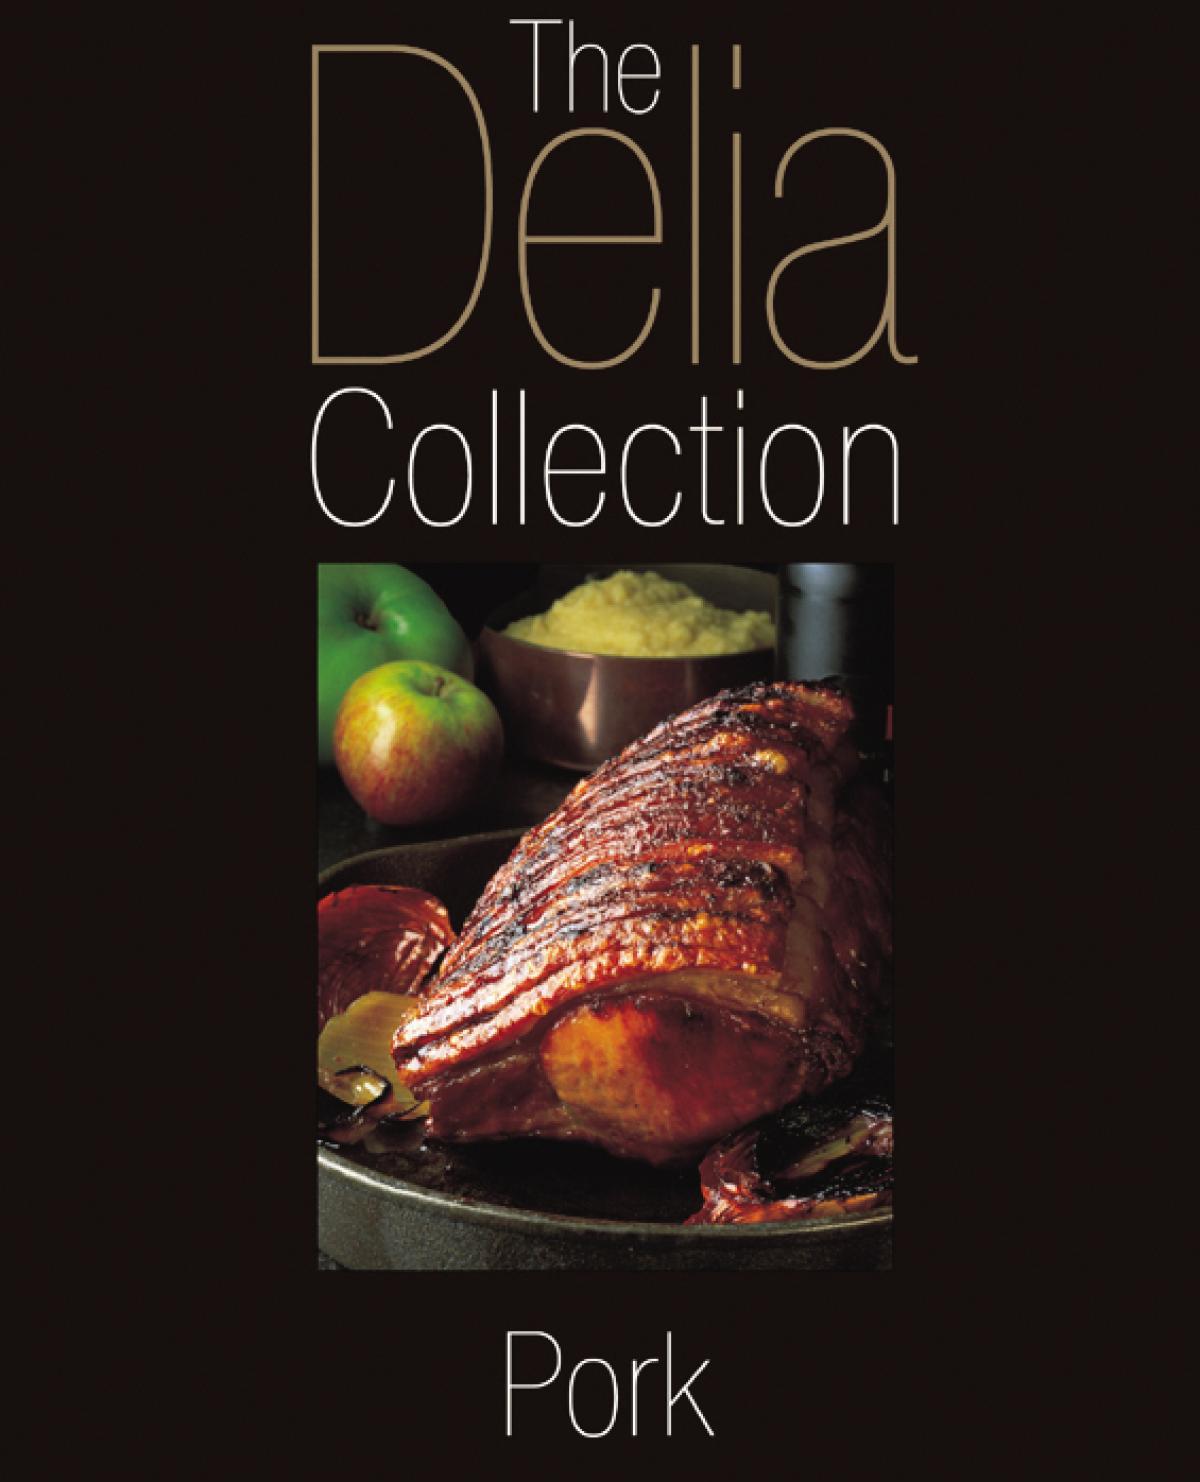 A picture of Delia's The Delia Collection: Pork recipes